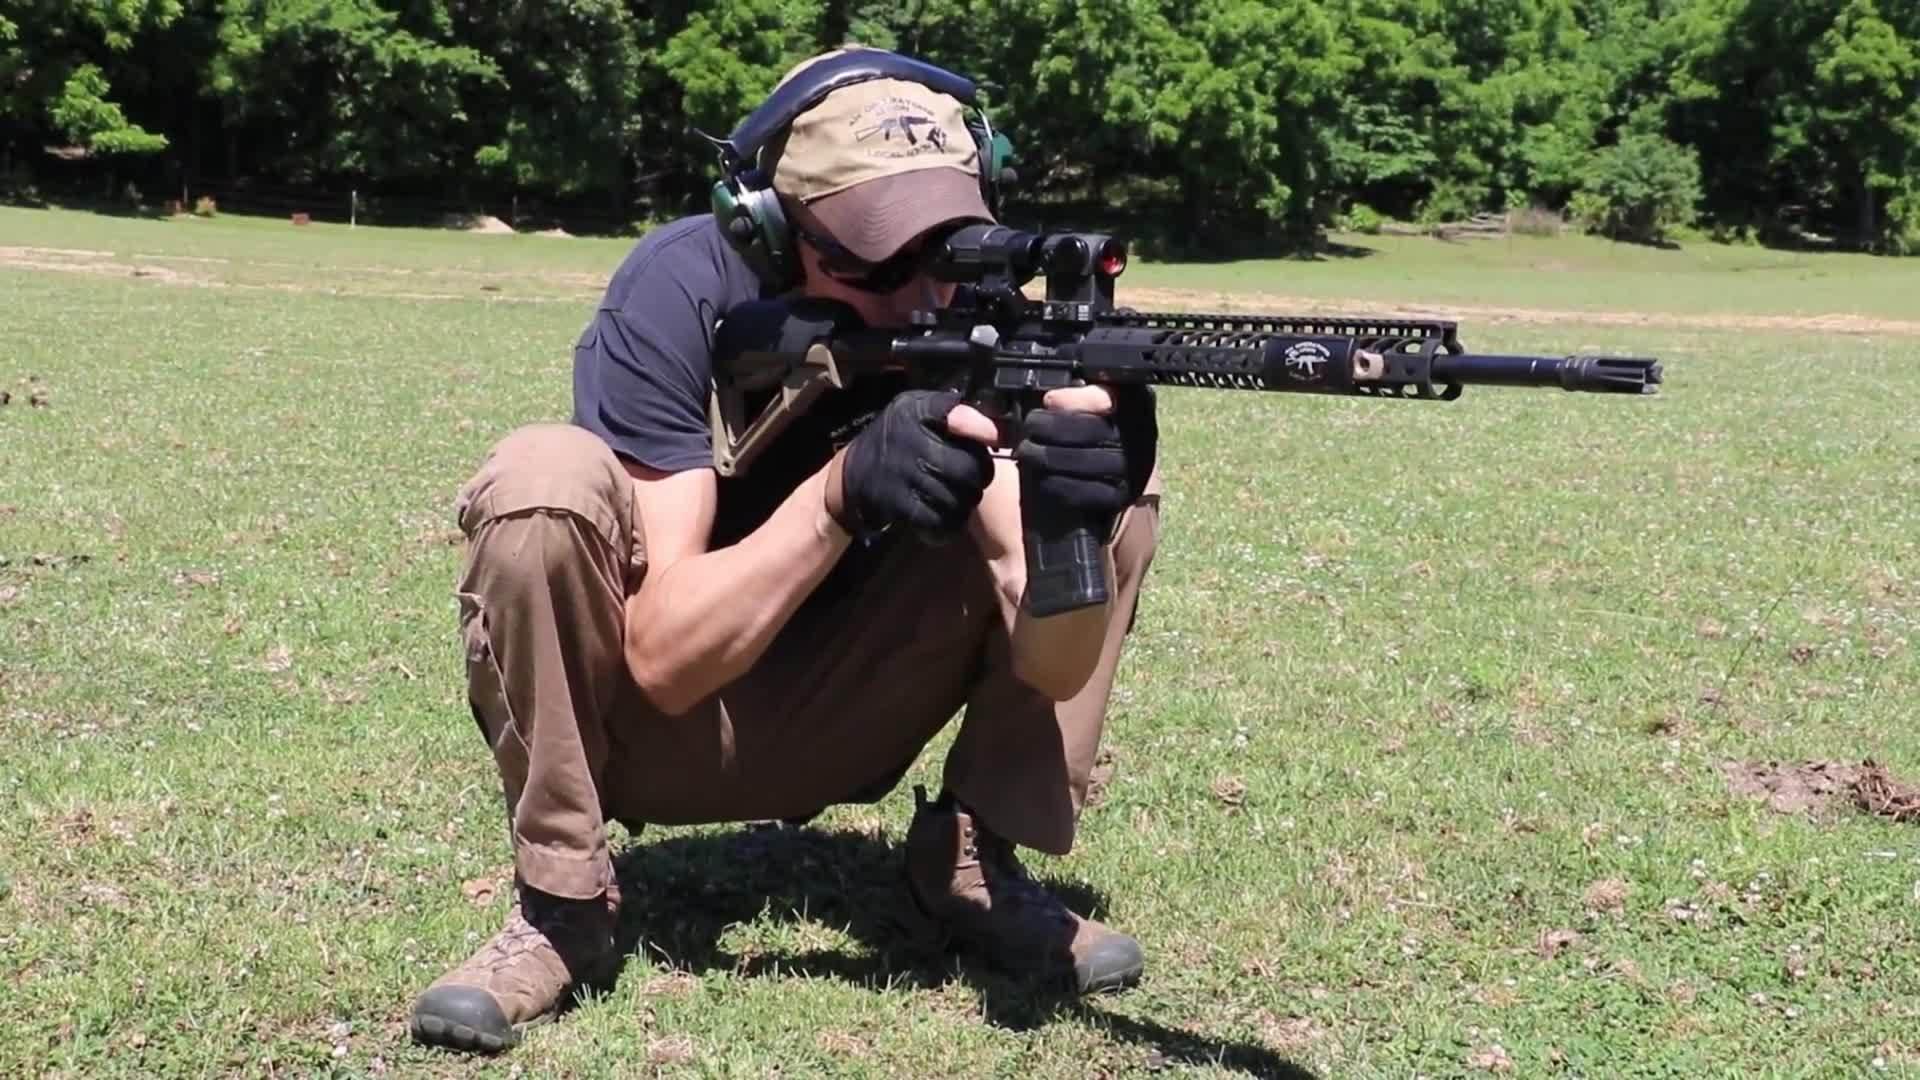 fullmetalgunnit, slavs_squatting, Shooting AR-15 while slav squatting GIFs